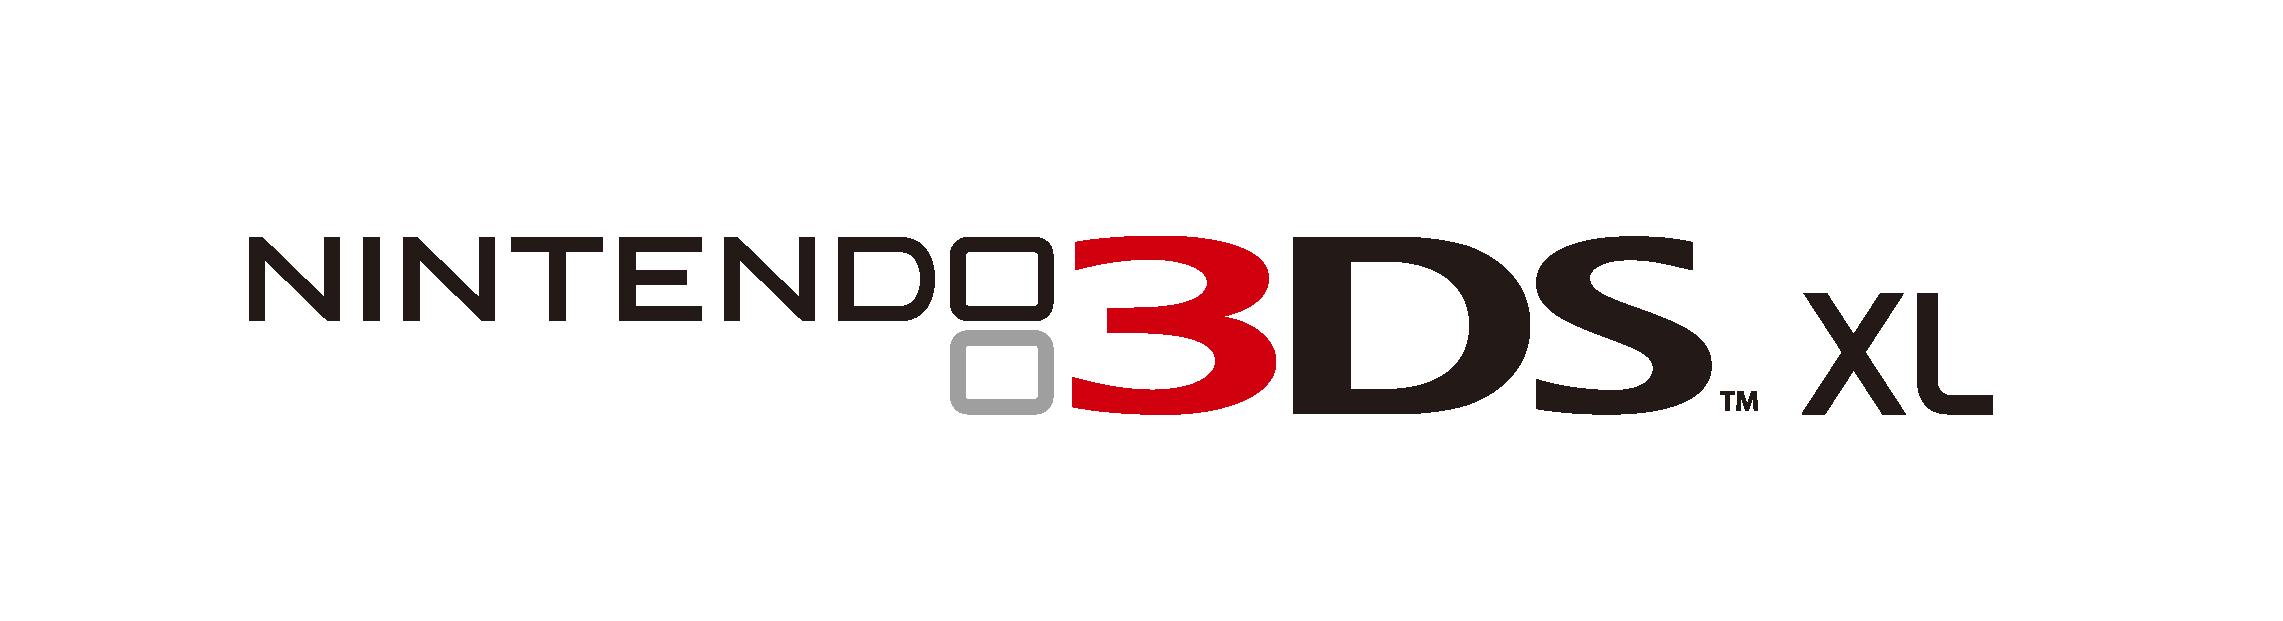 3dsxl_logo